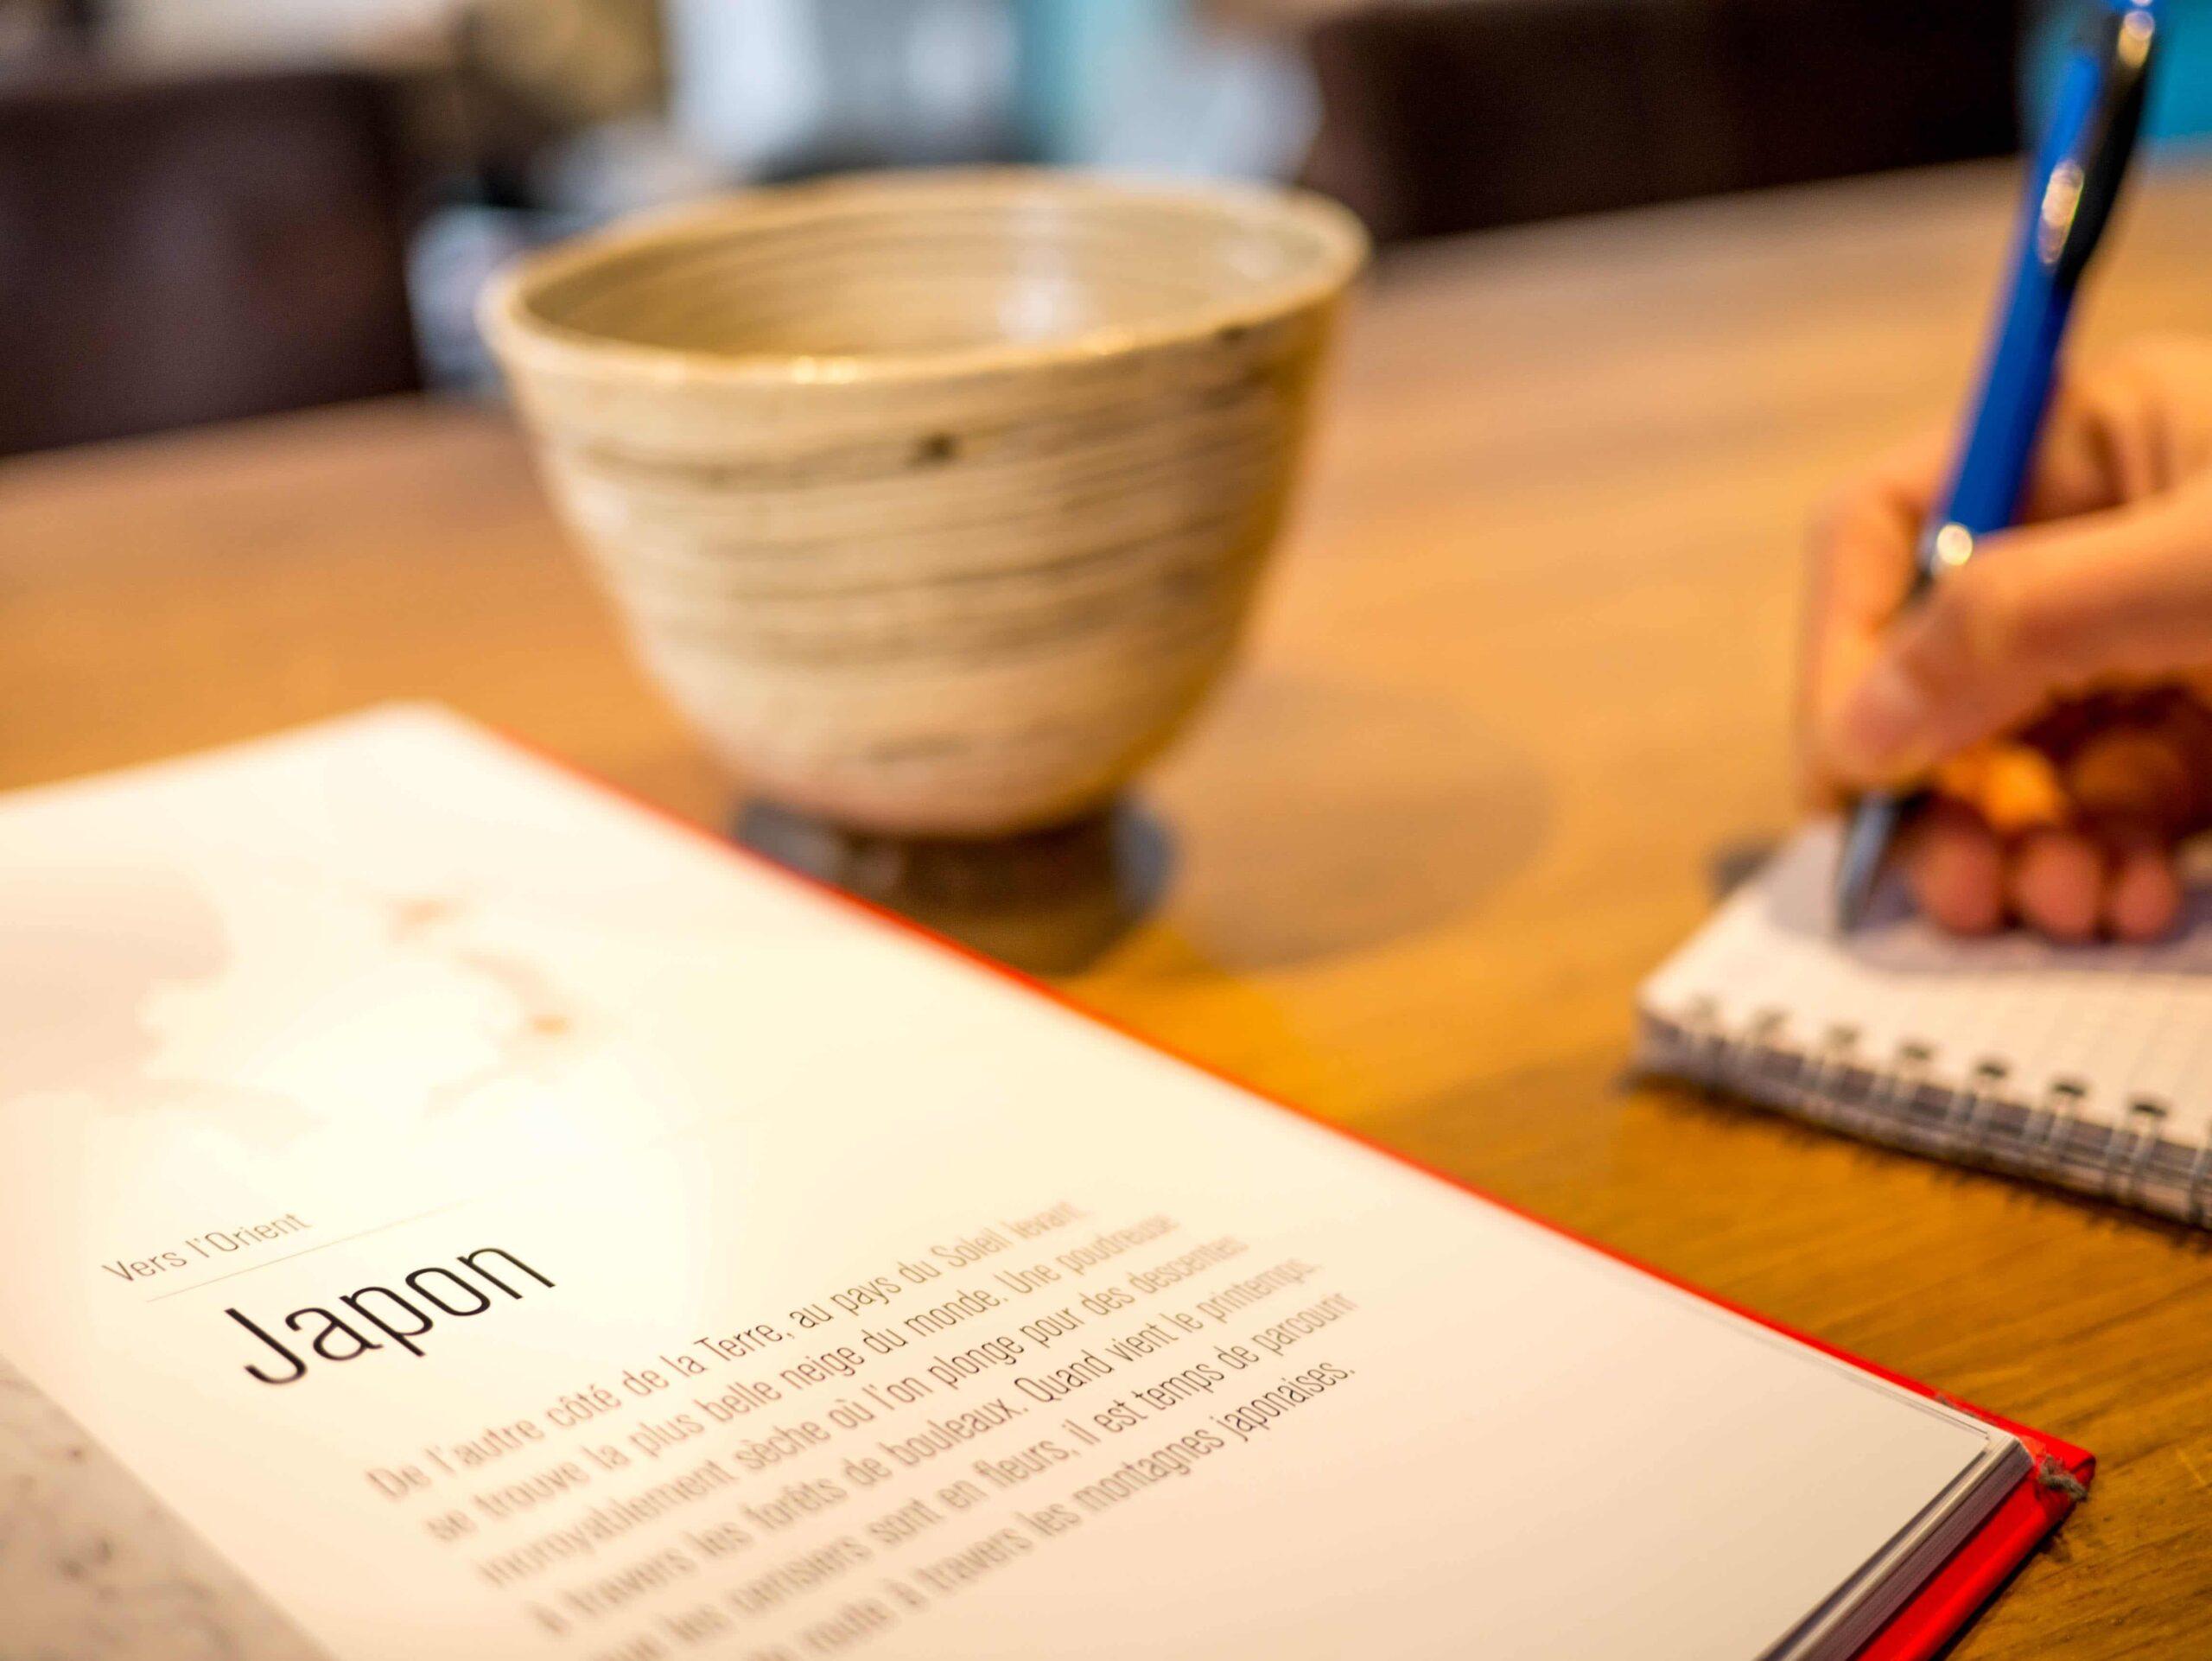 préparatif voyage japon www.pasquedescollants.com (2)